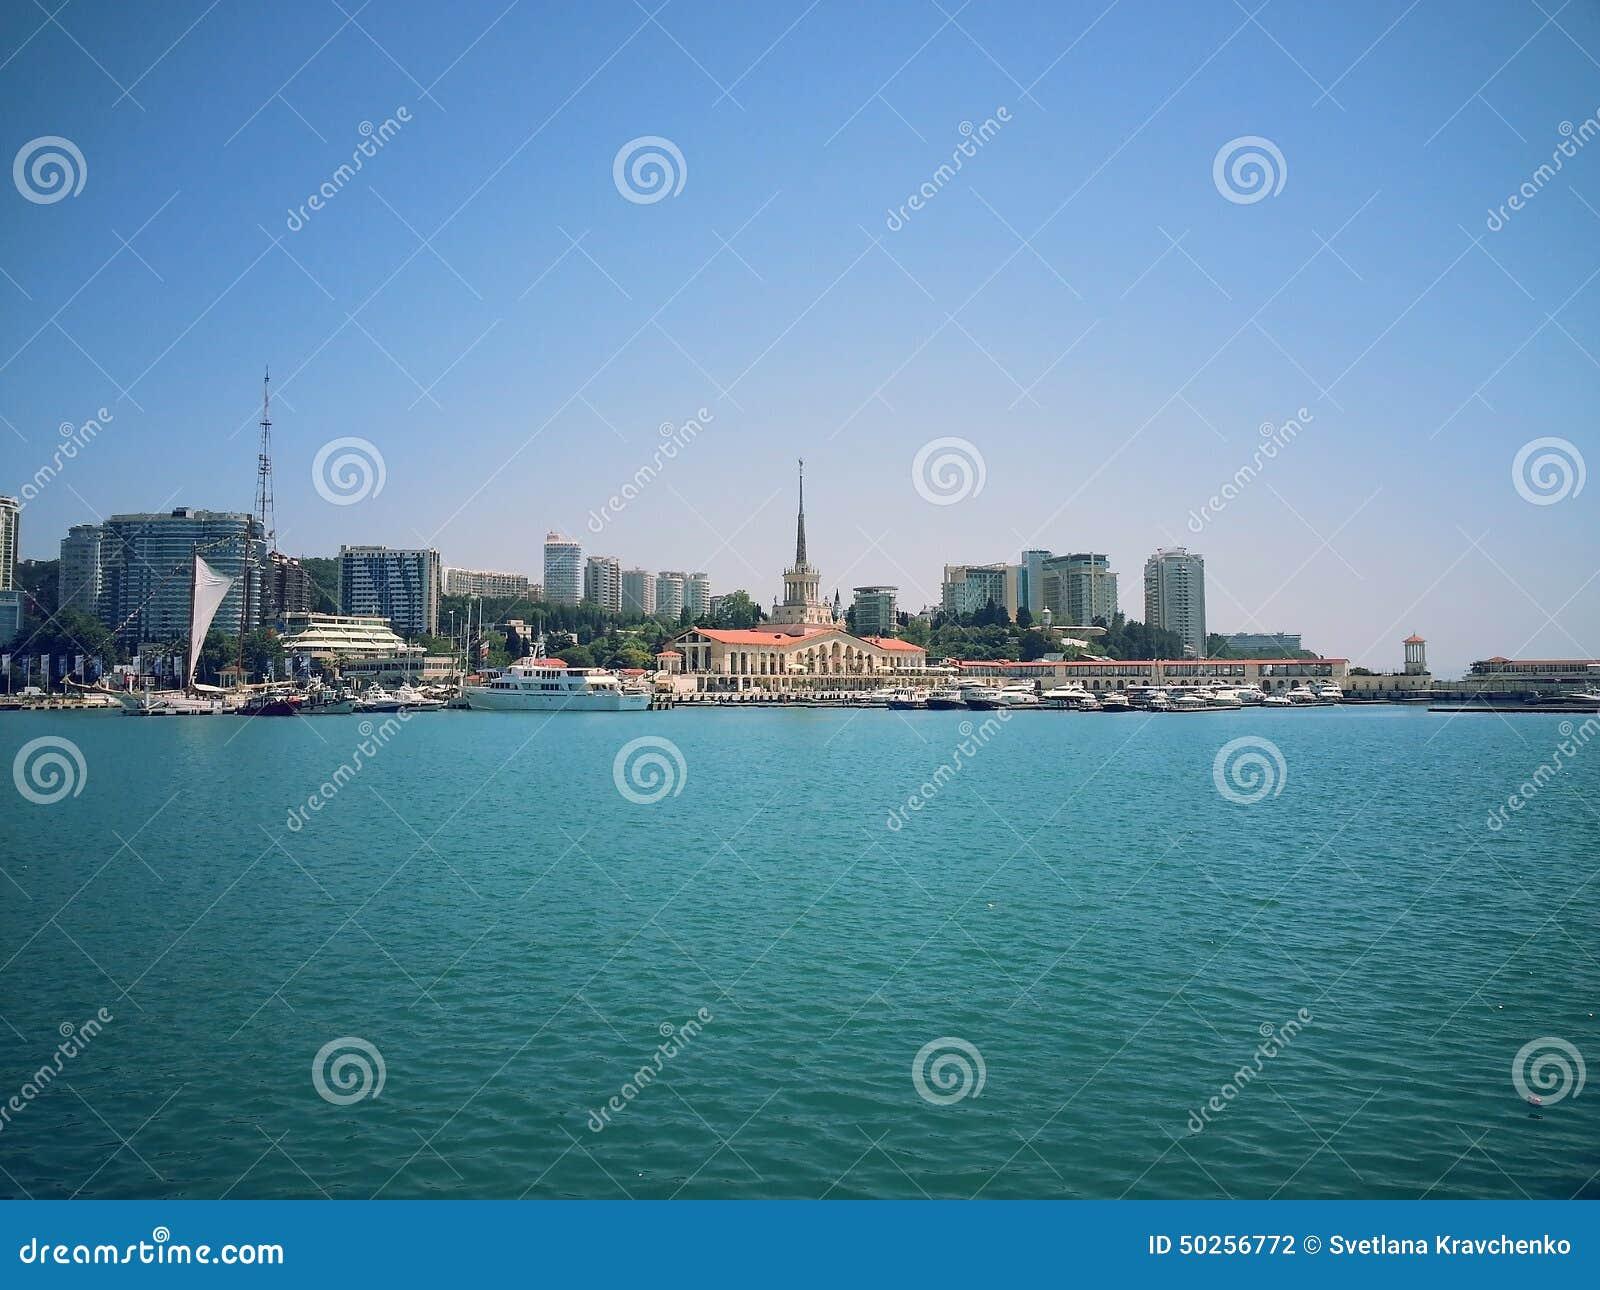 Sea resort Sochi, Russia